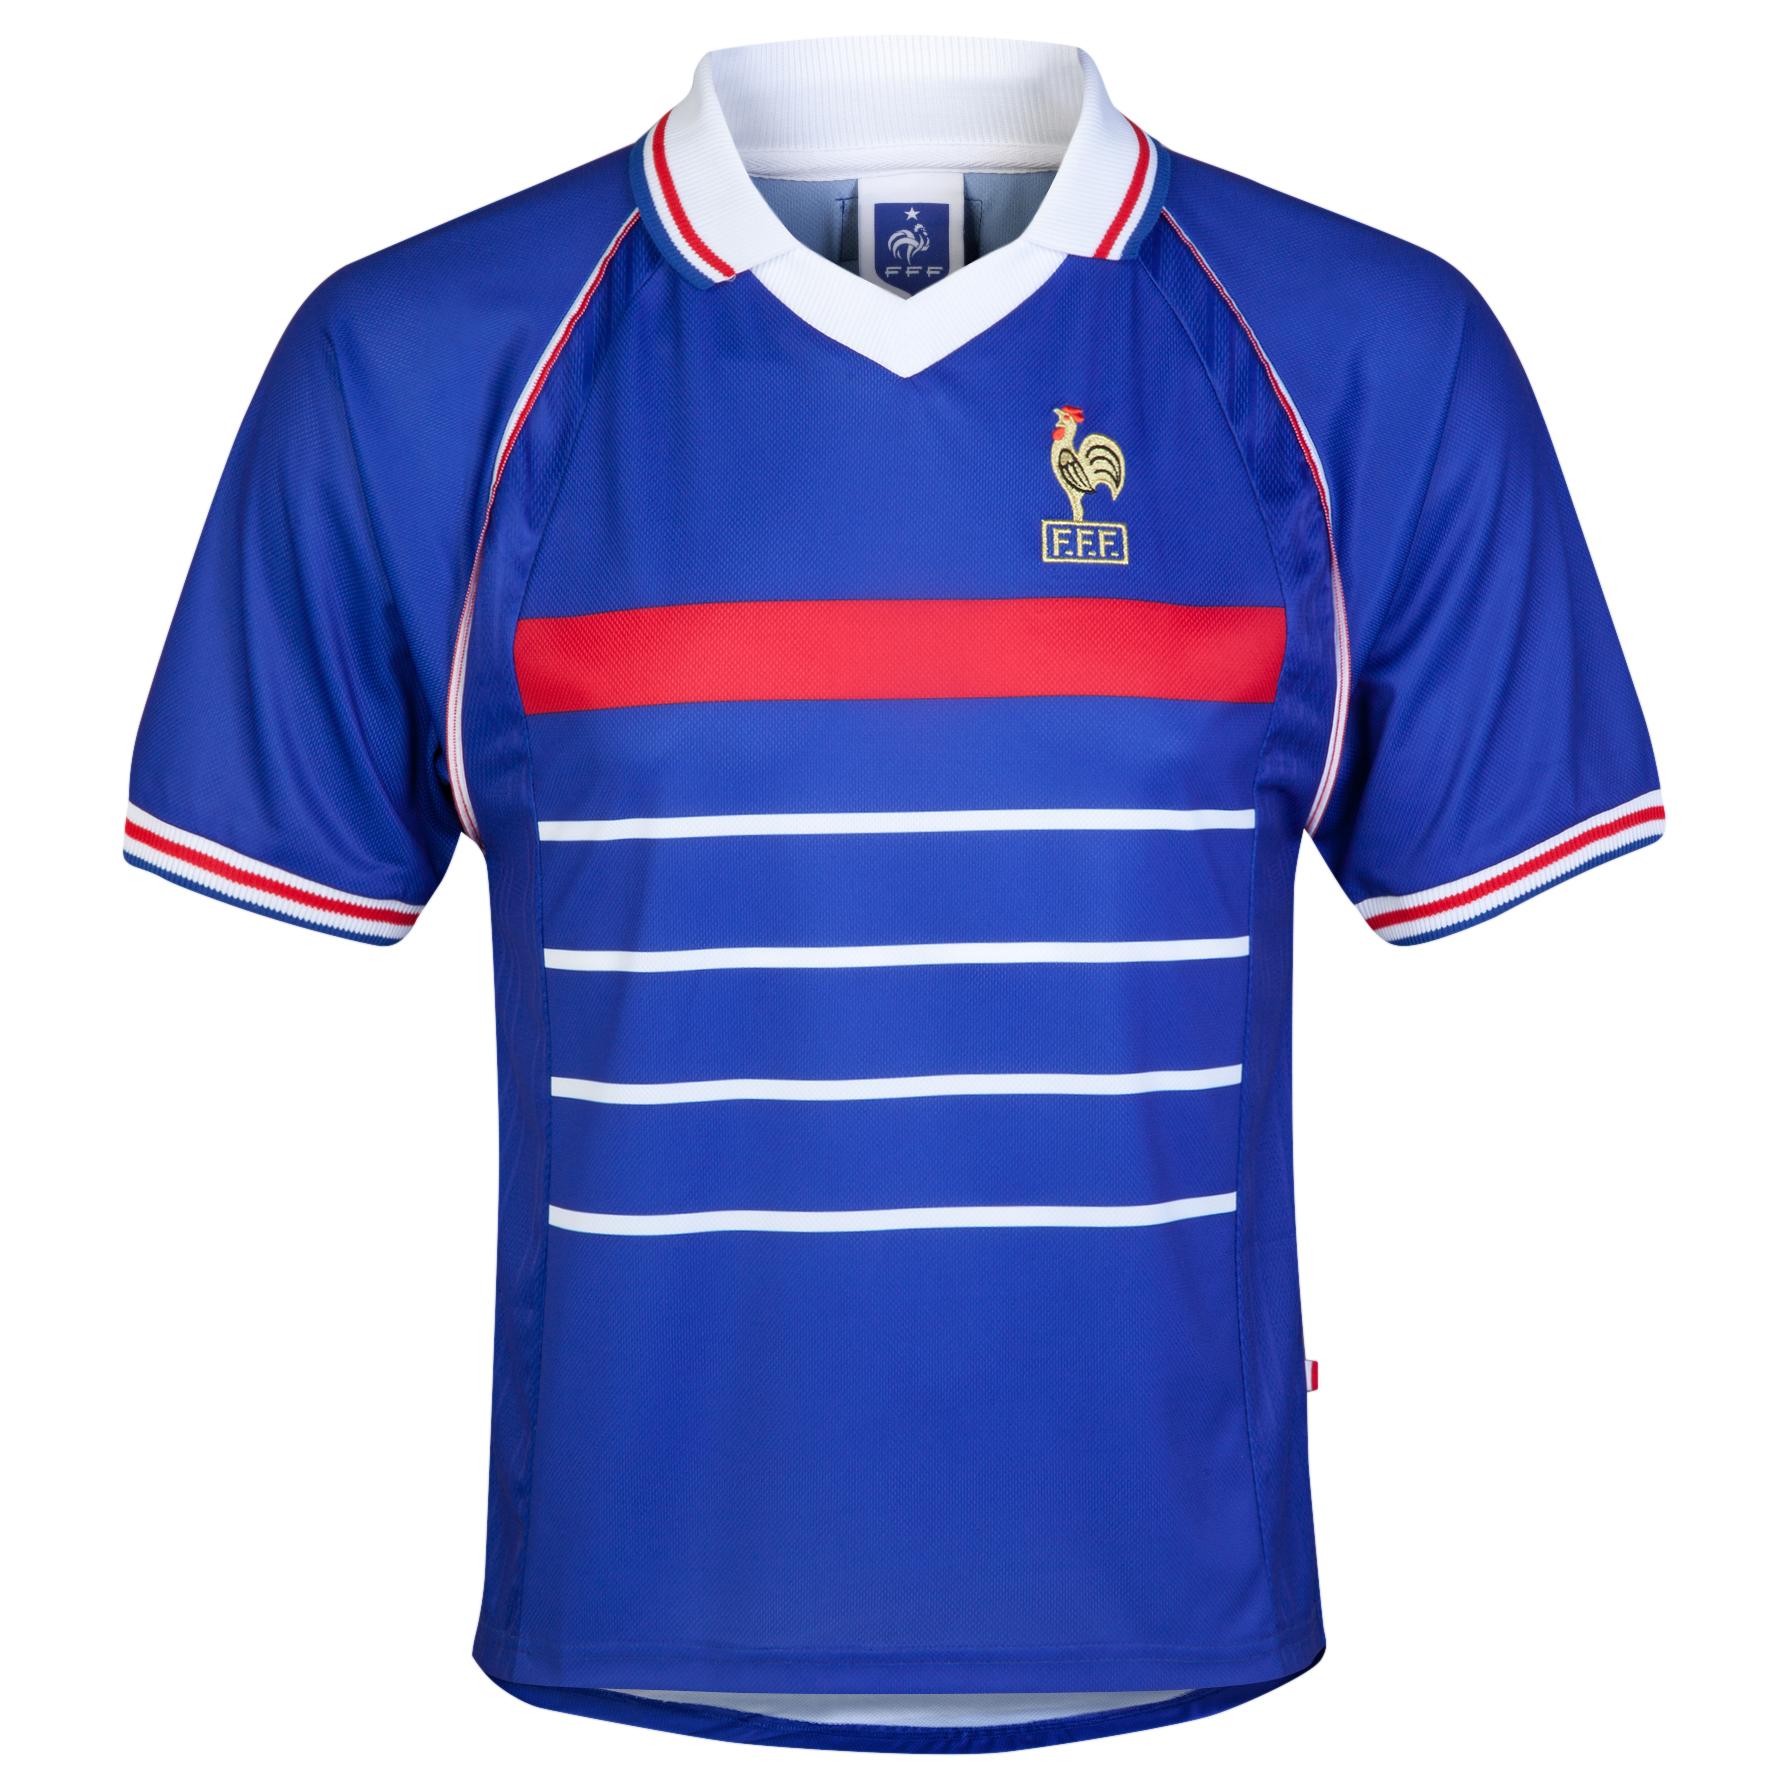 France 1998 World Cup Finals Shirt